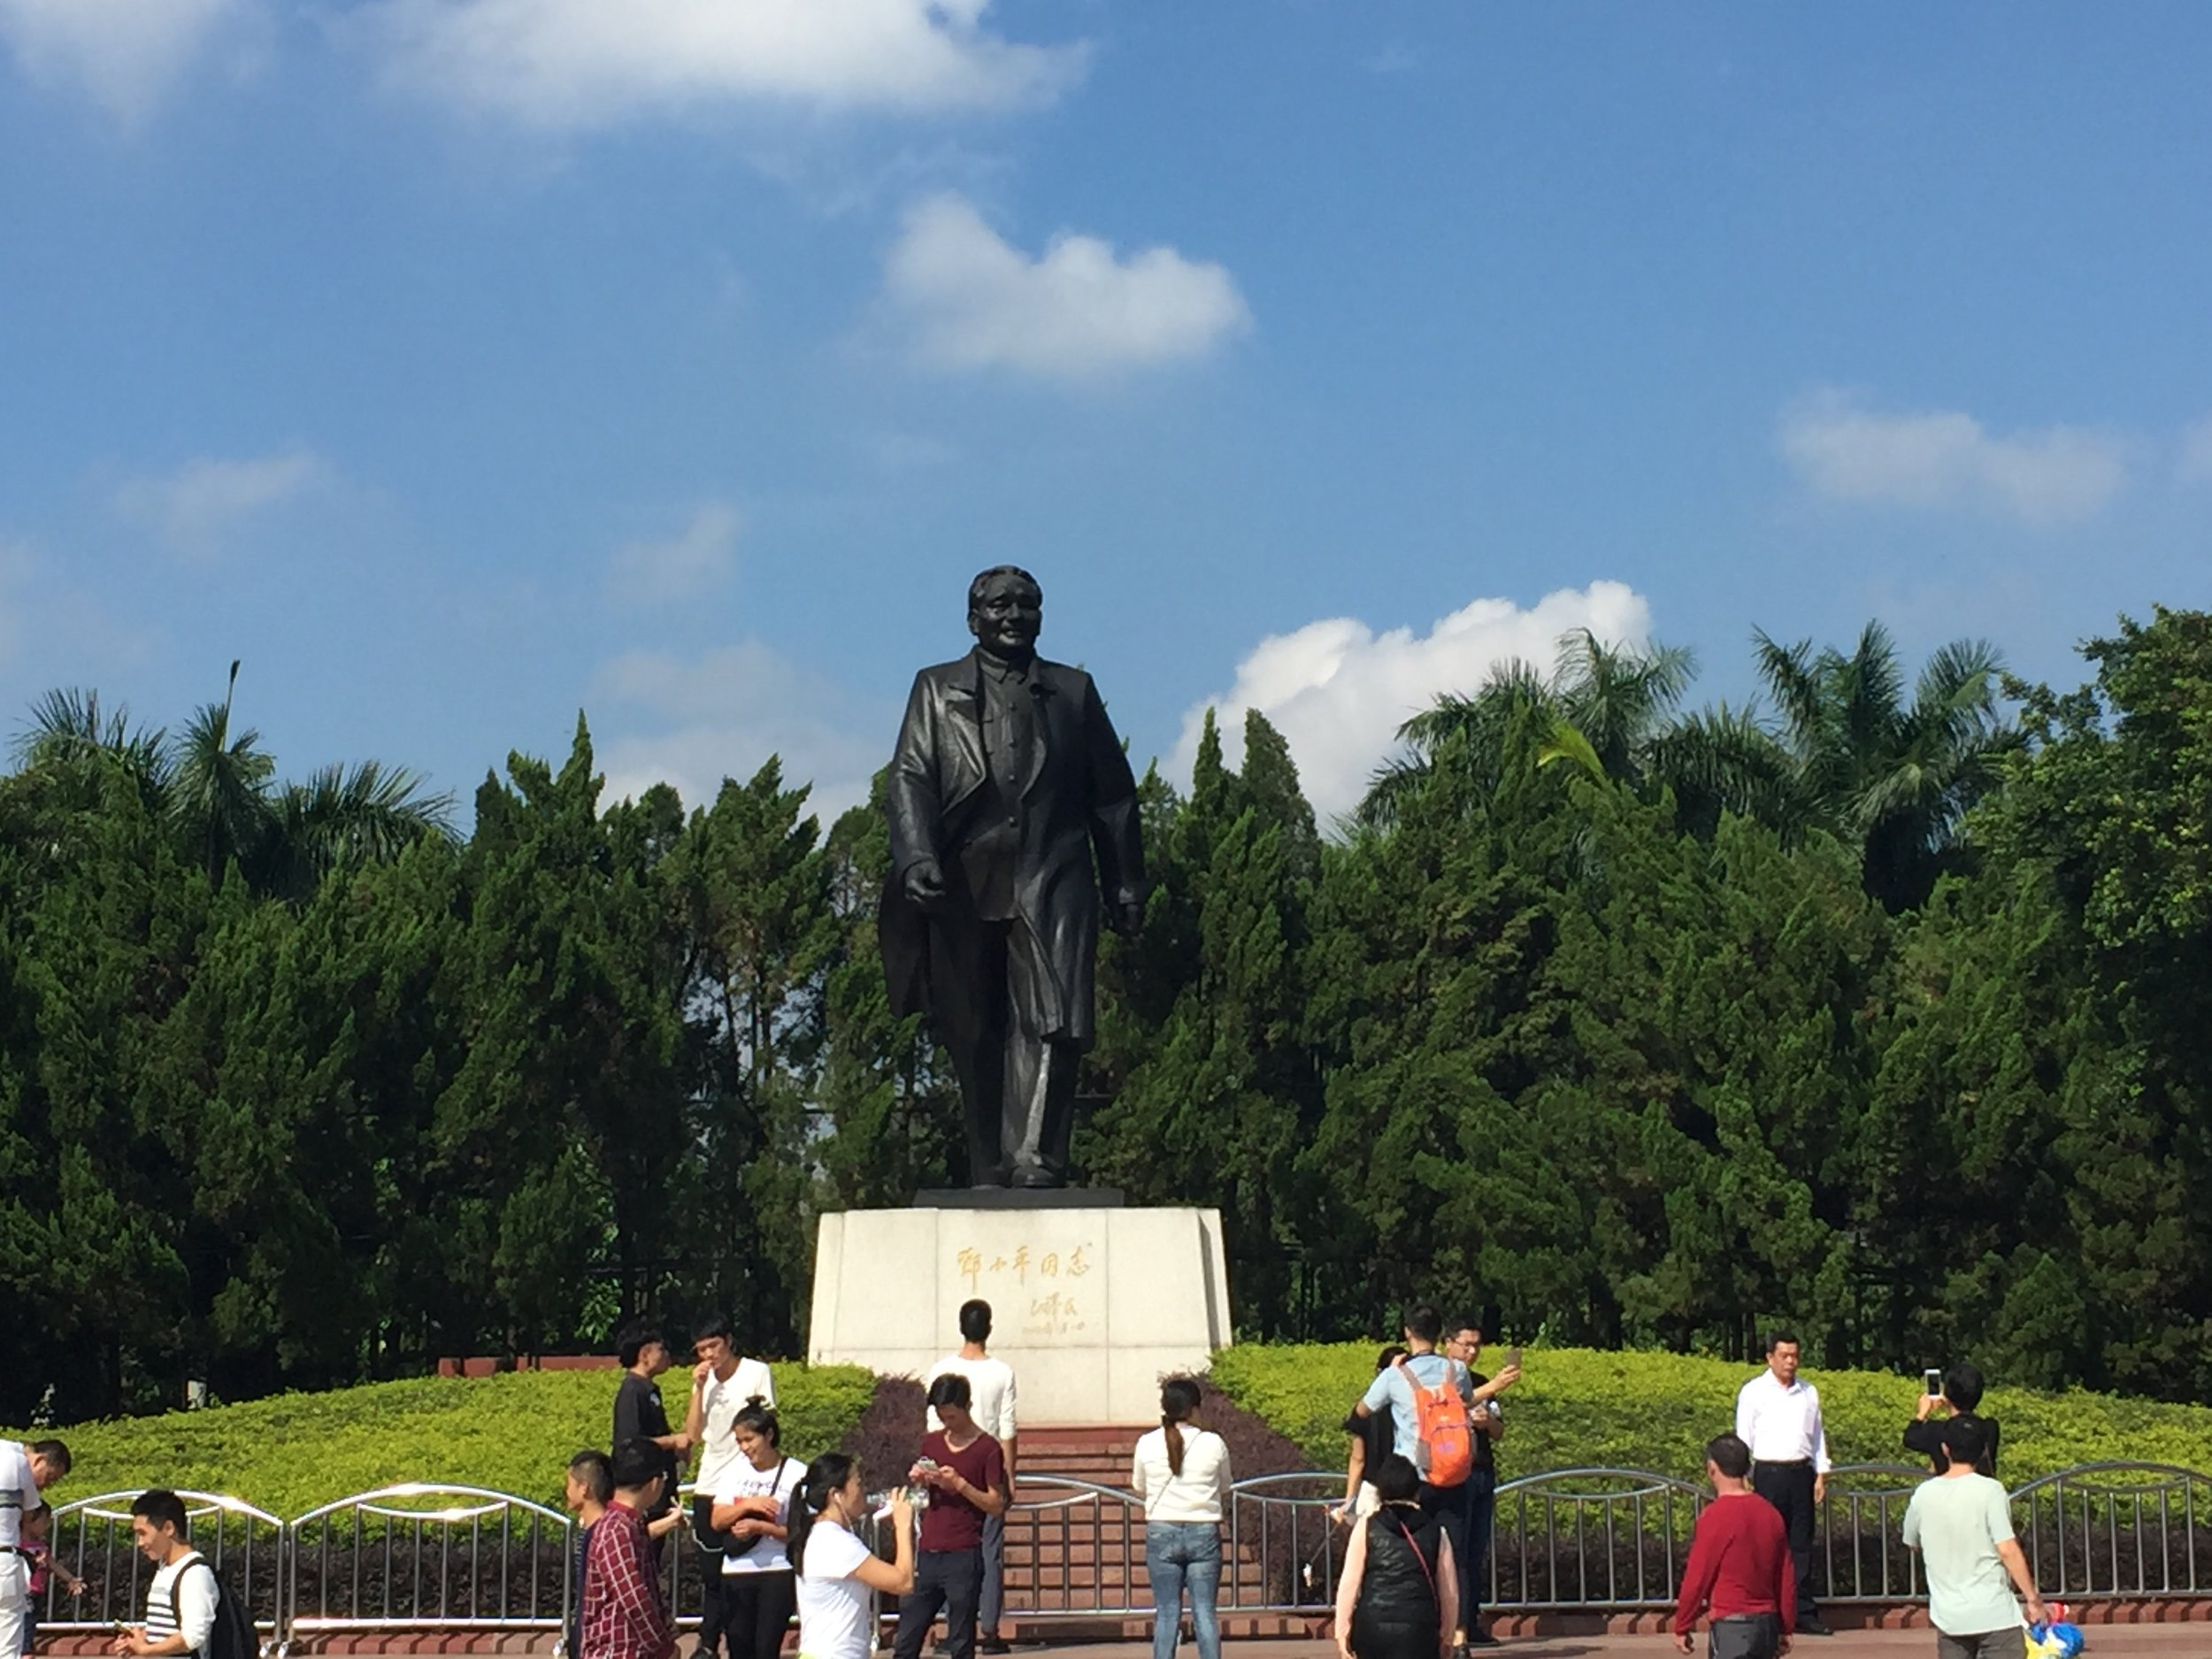 Lianhua Mountain, Statue of Deng Xiaoping